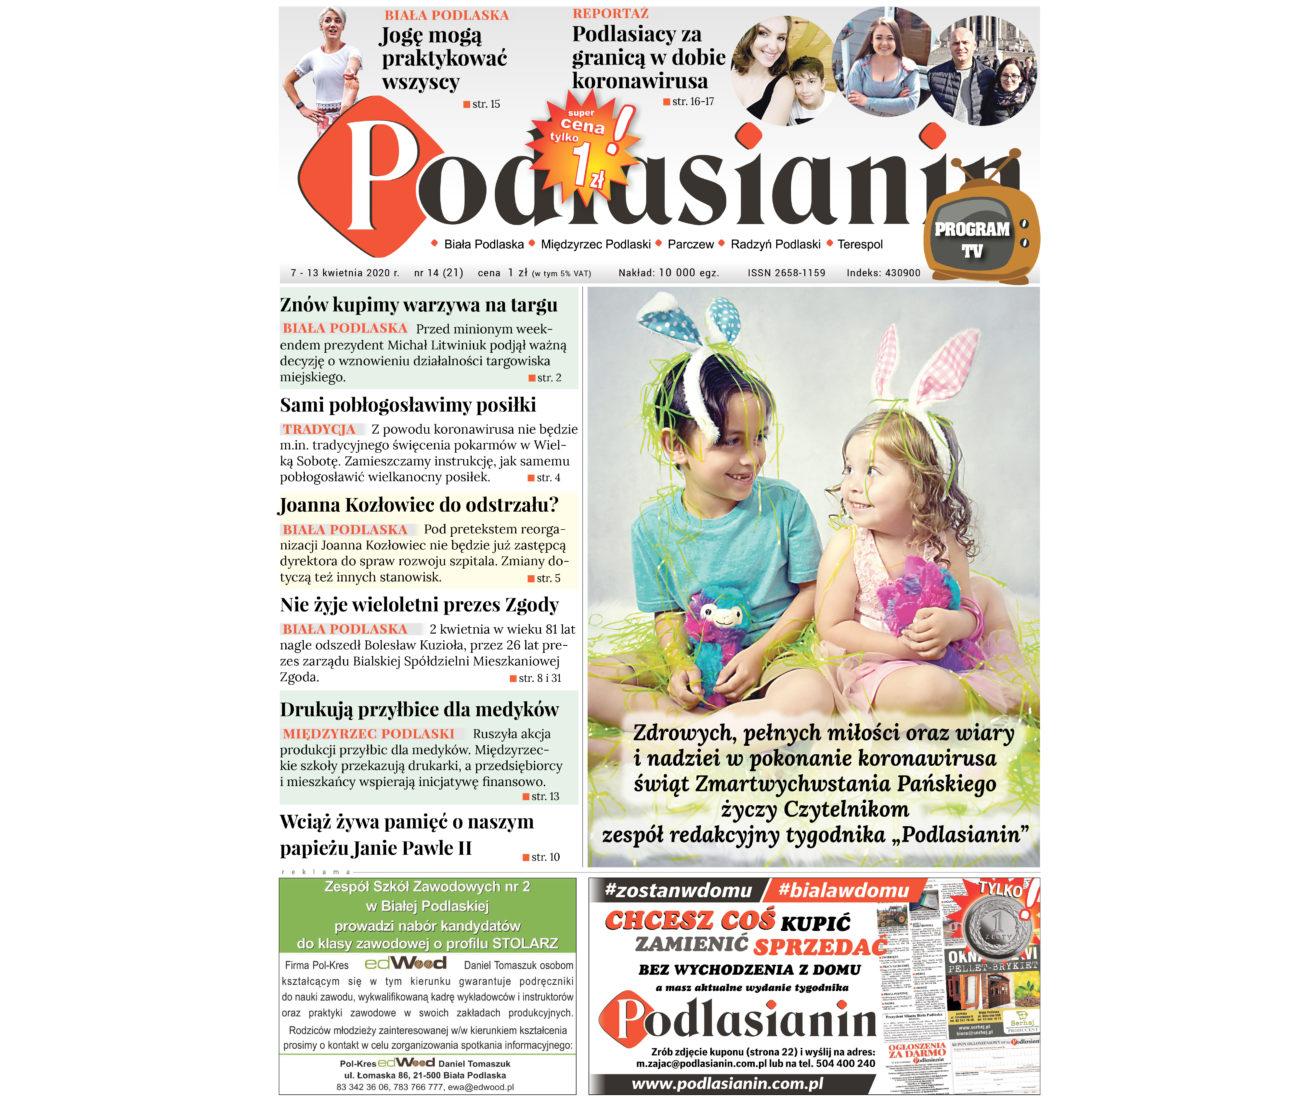 Kup E-wydanie Podlasianina!